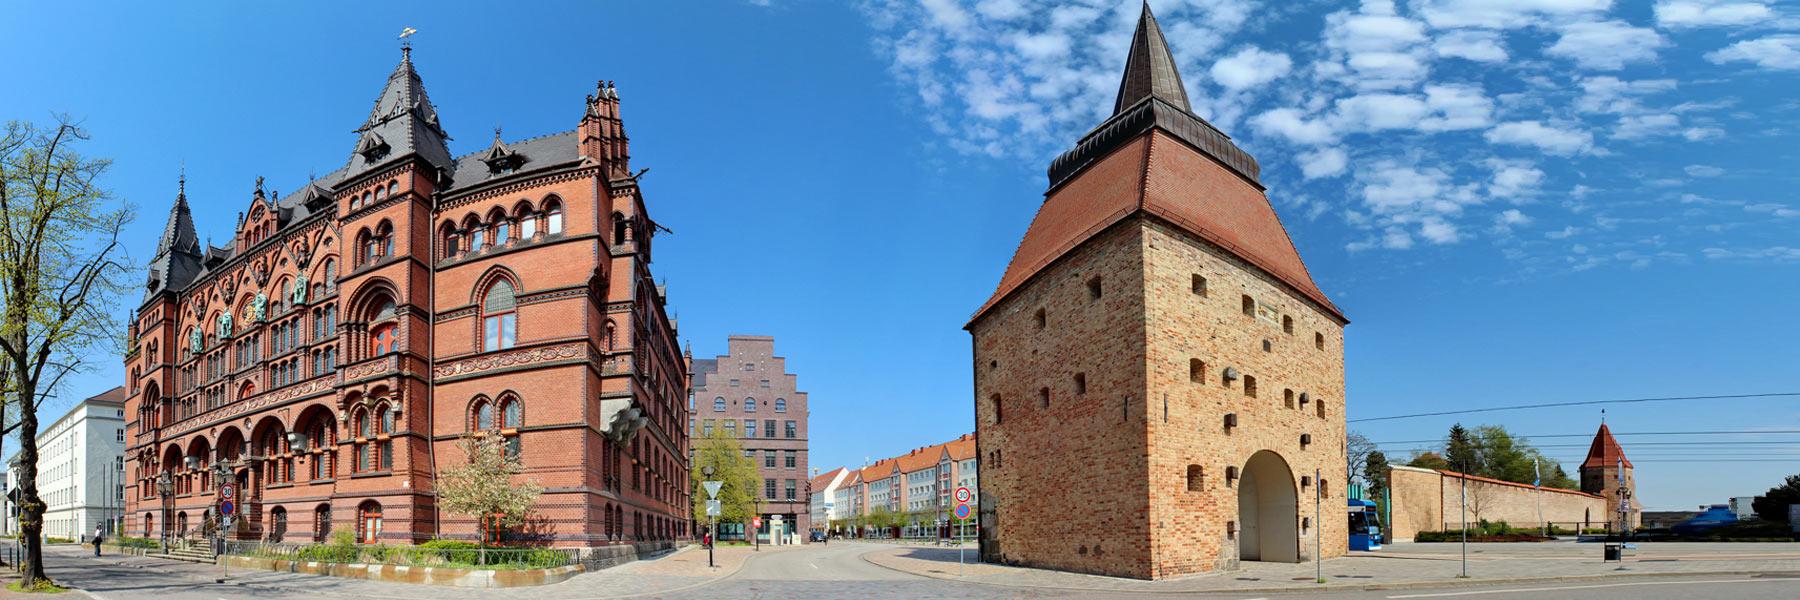 Steintor - Hansestadt Rostock